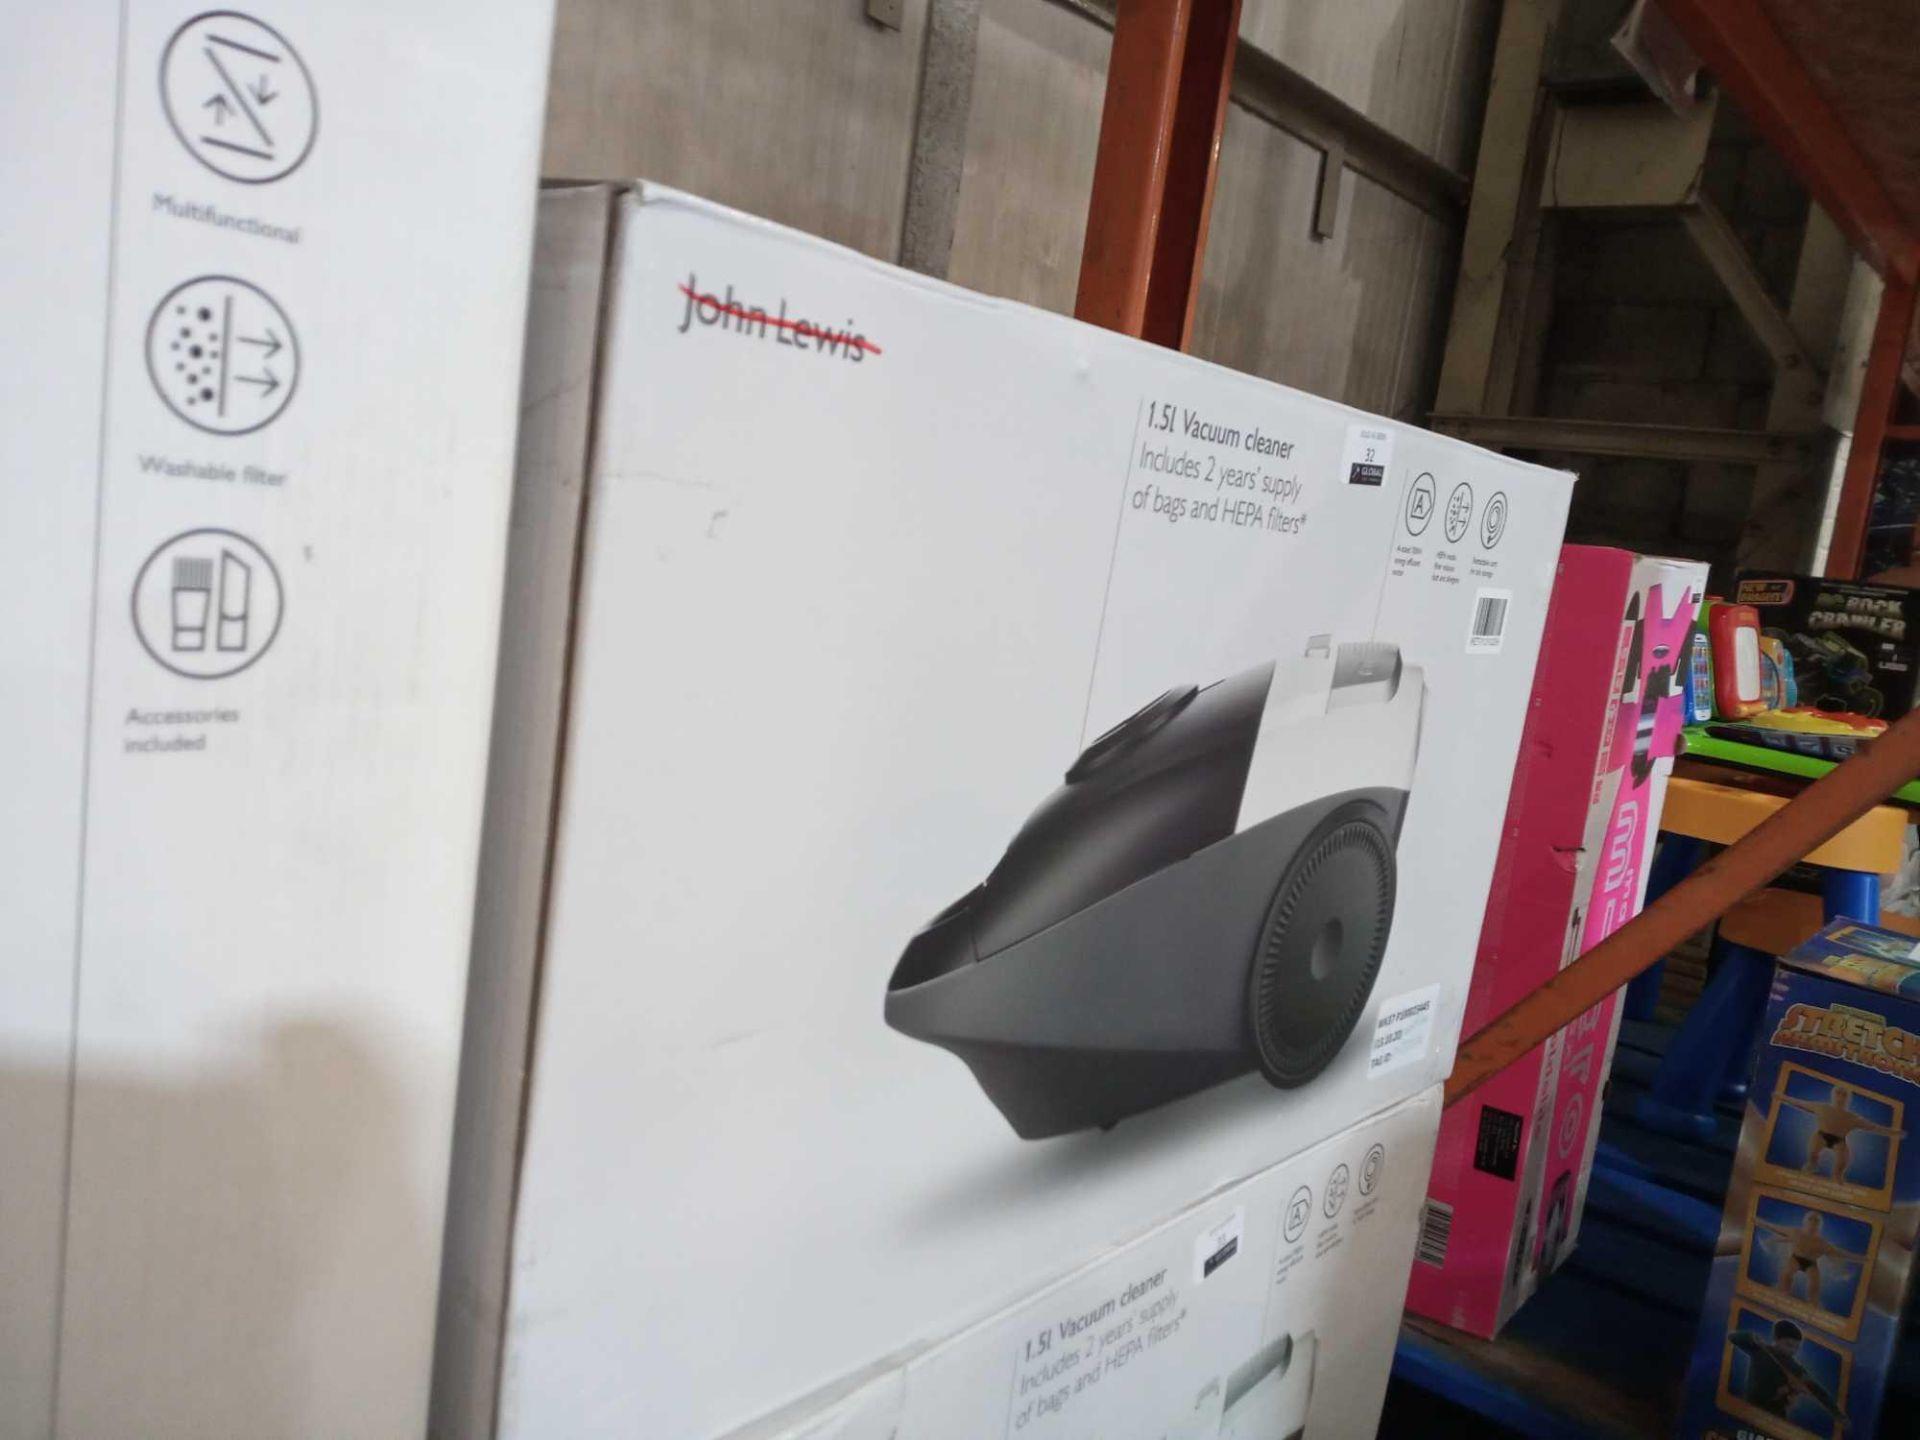 Lot 33 - RRP £60 Boxed John Lewis 1.5L Vacuum Cleaner